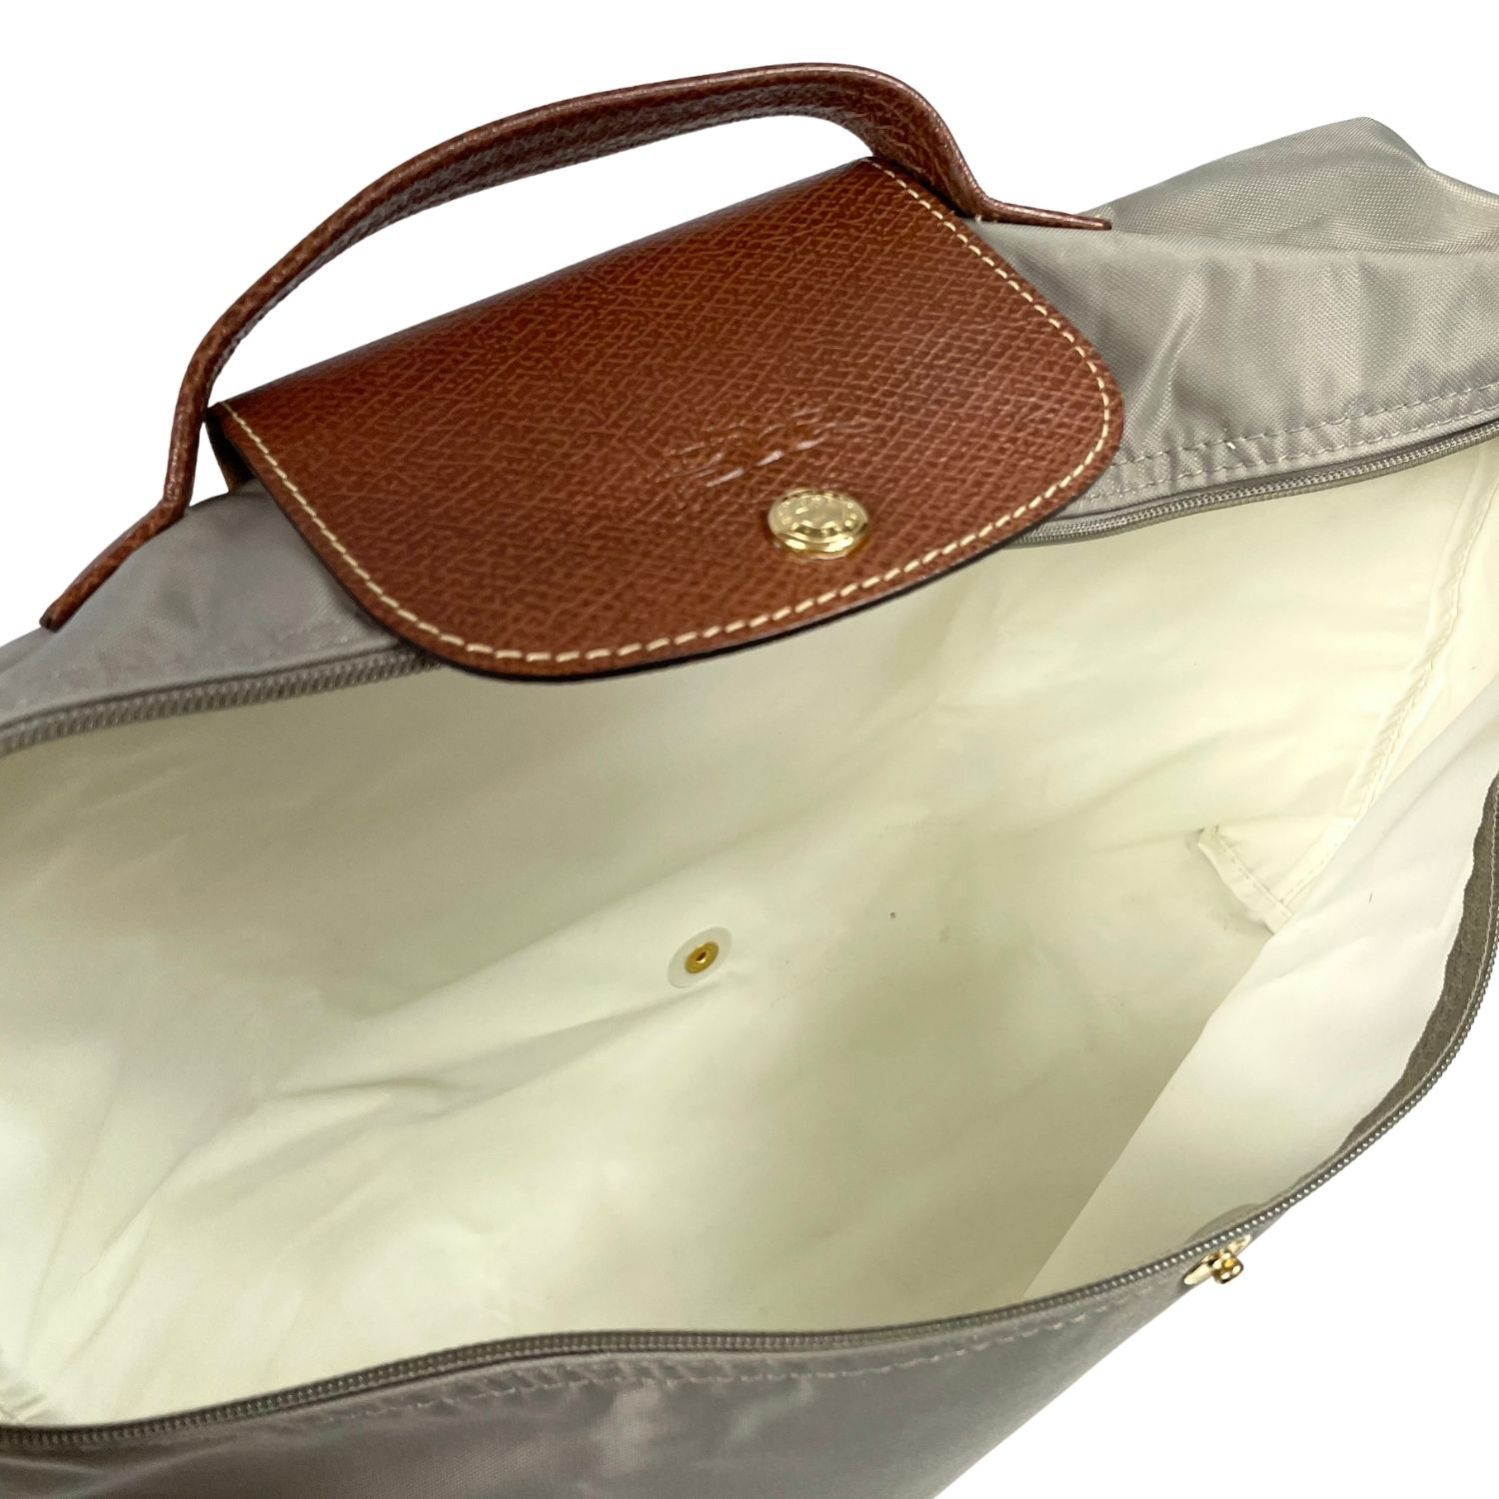 Bolsa Longchamp Le Pliage Tote